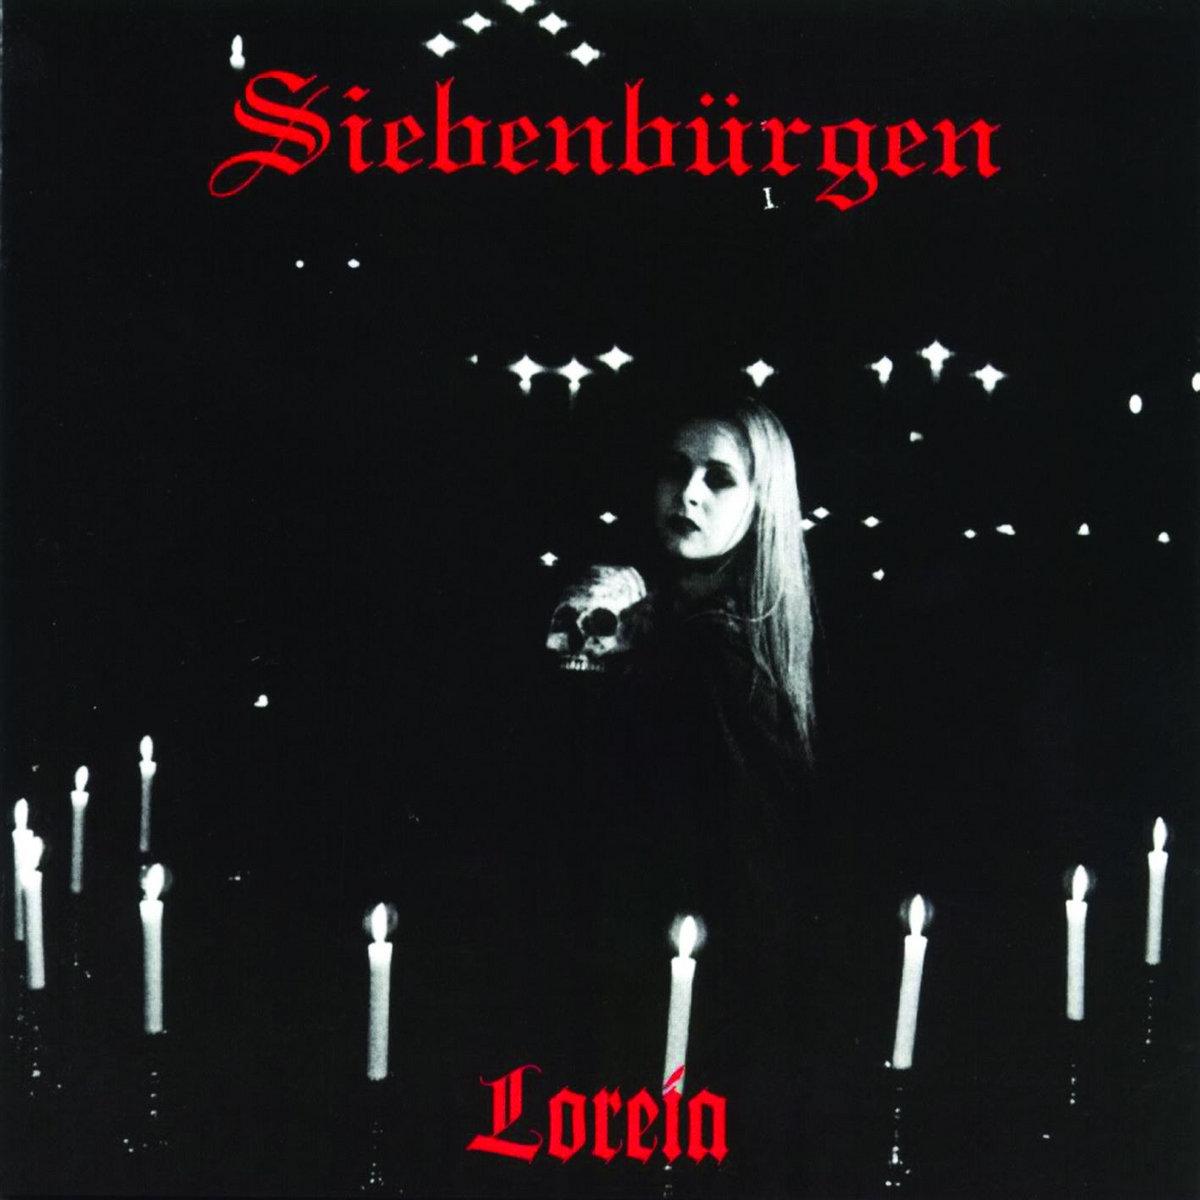 Loreia | Siebenbürgen